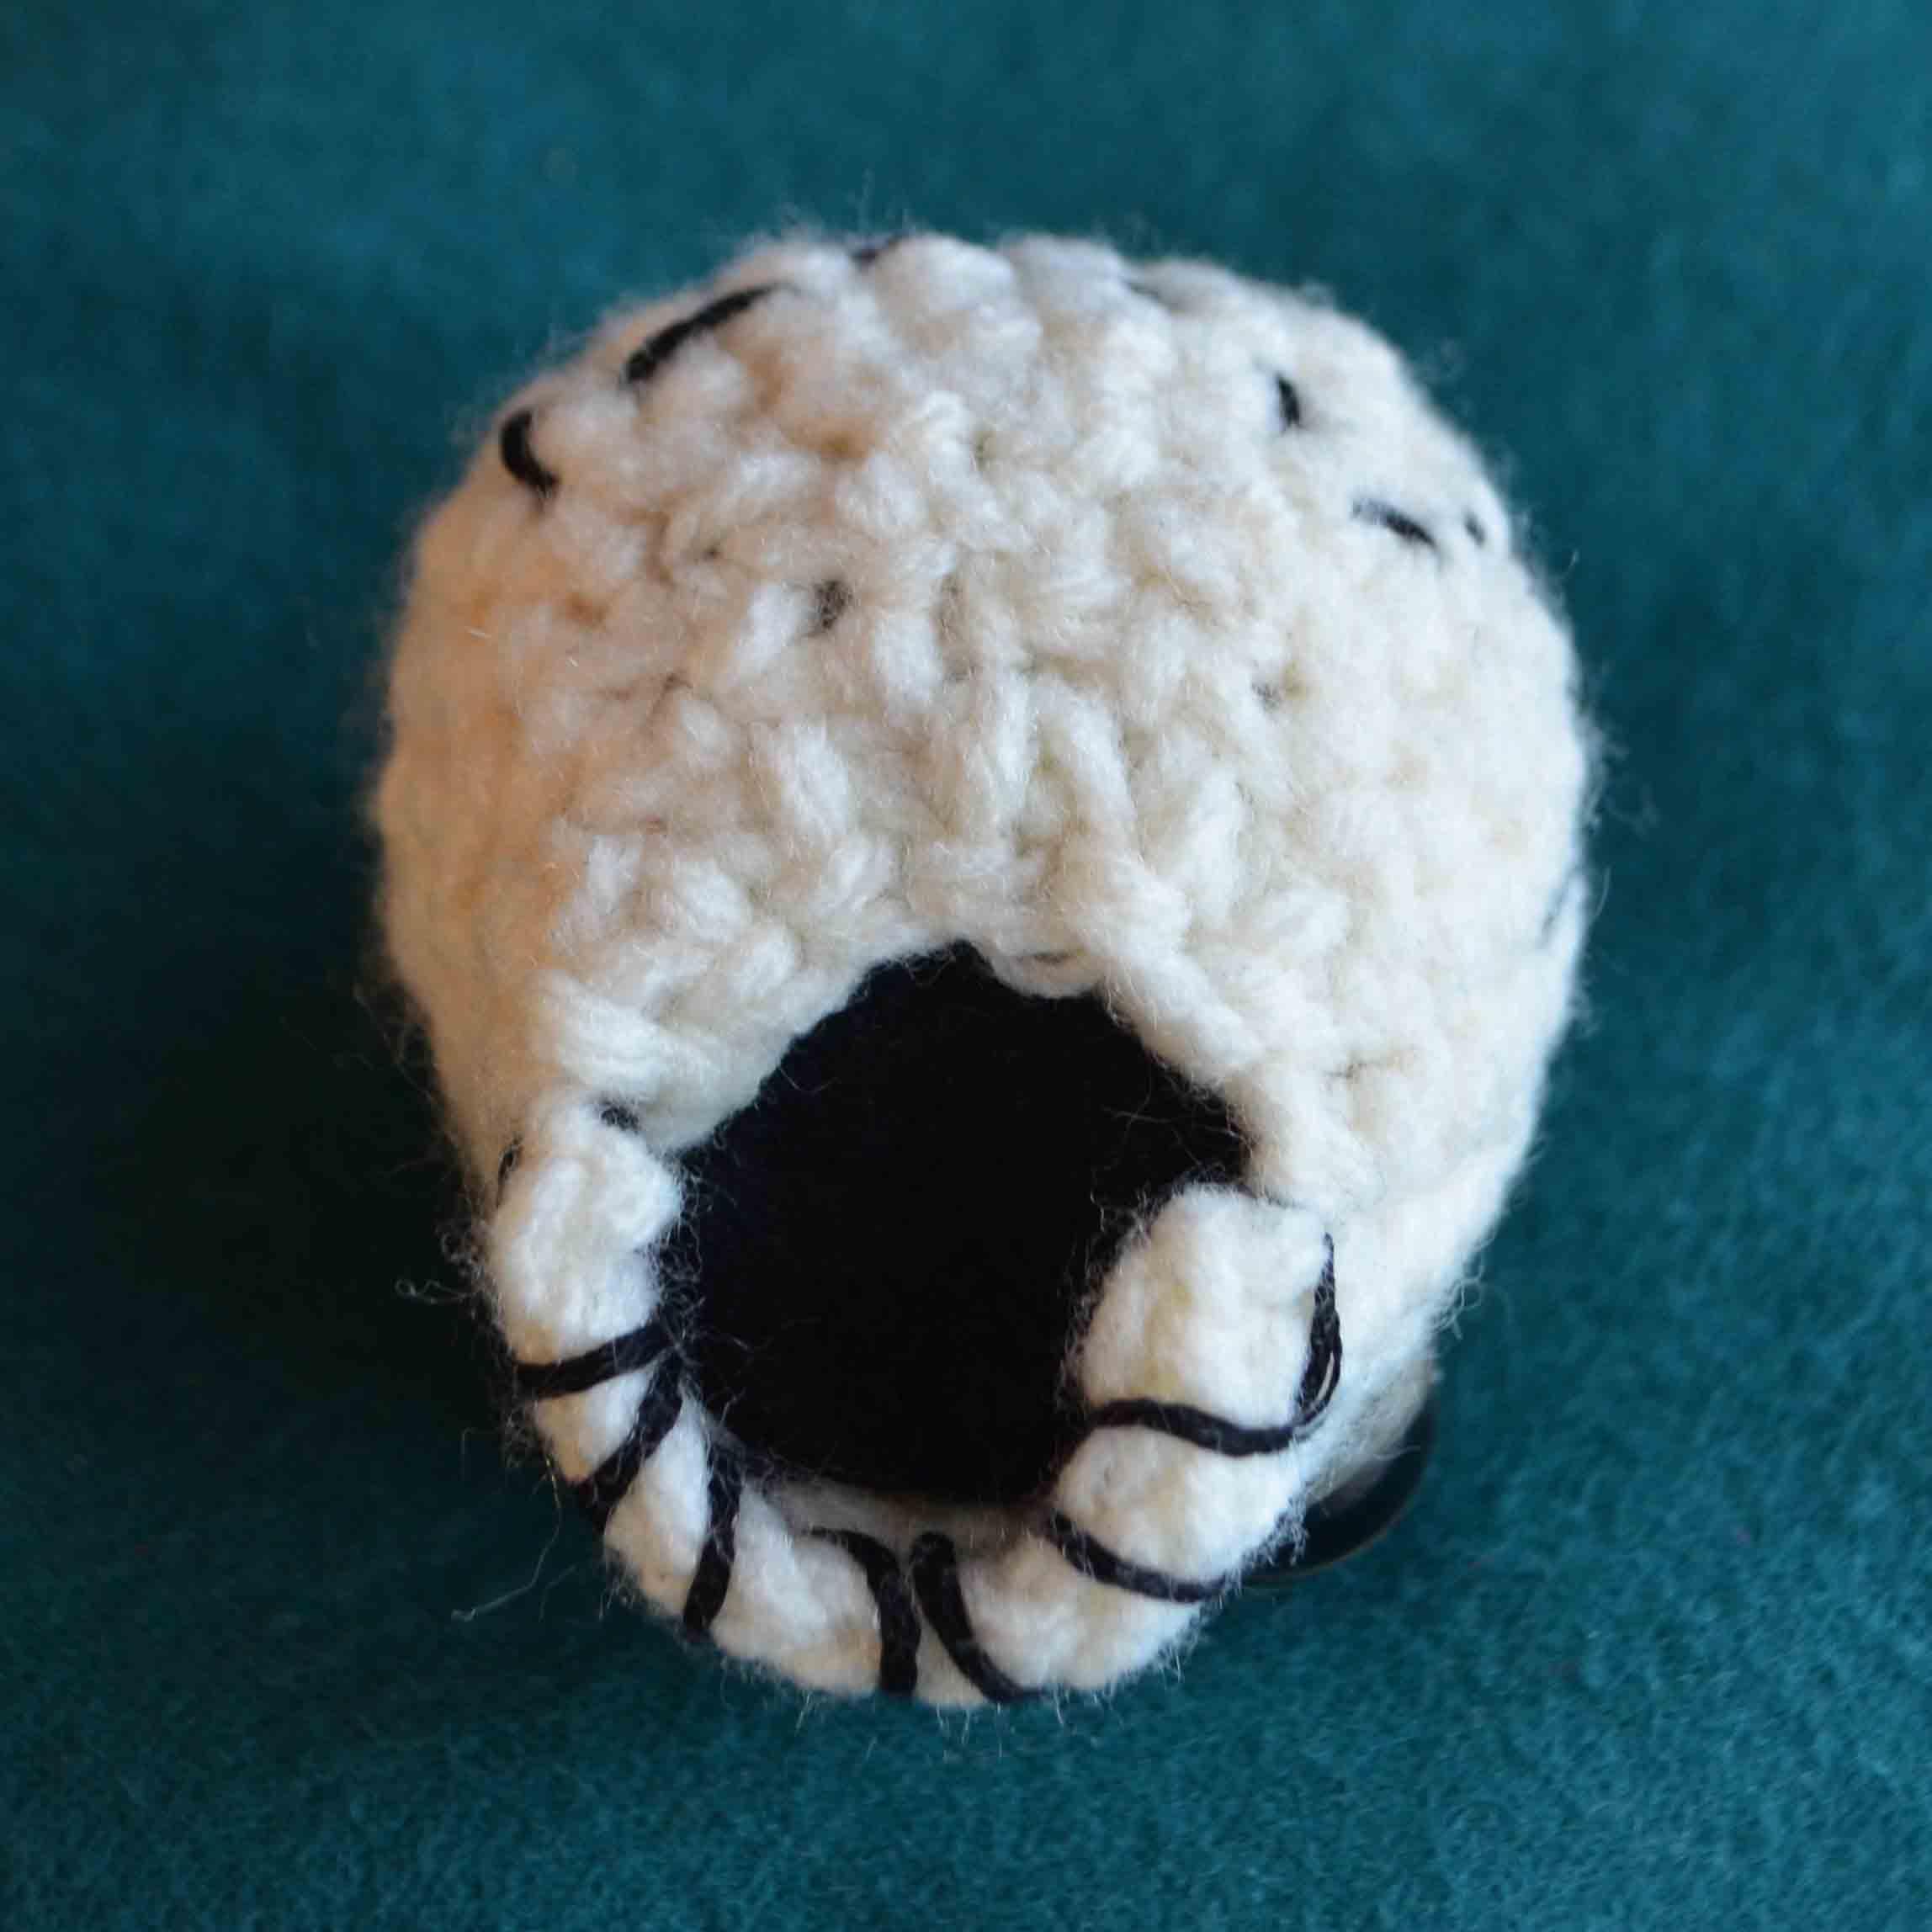 Amigurumi – Crochet Skull | Crochet skull patterns, Halloween ... | 2296x2296